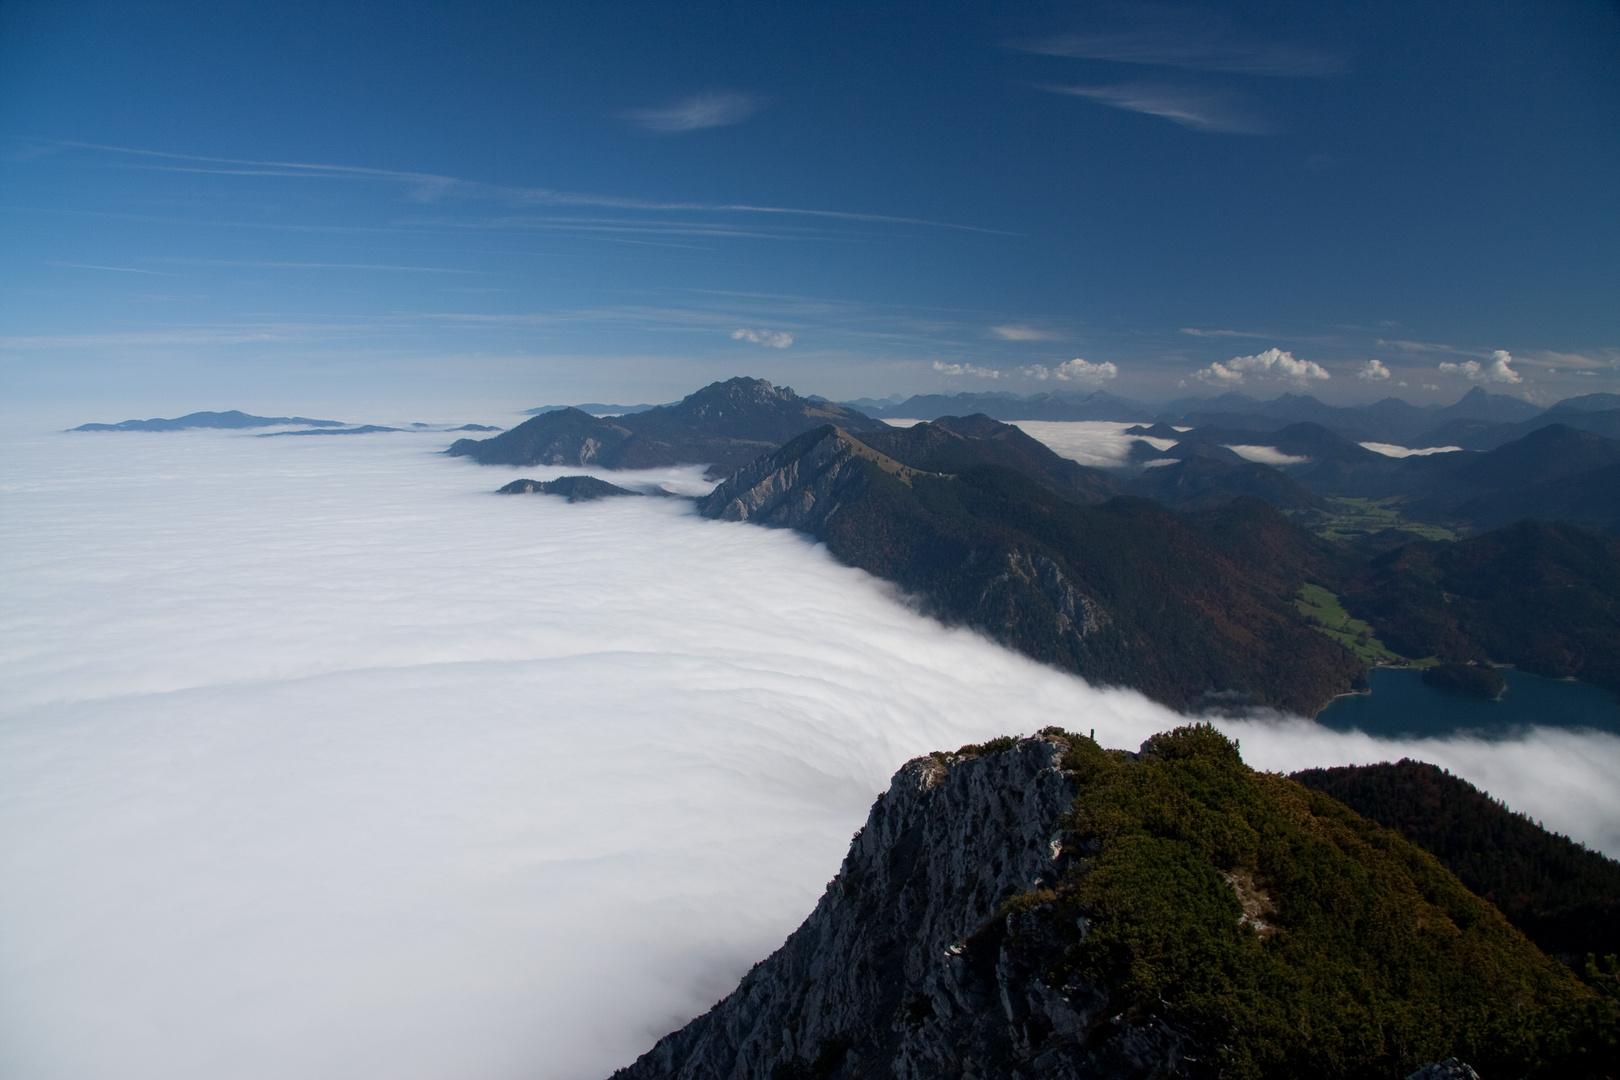 Ein Wolkenmeer läuft über